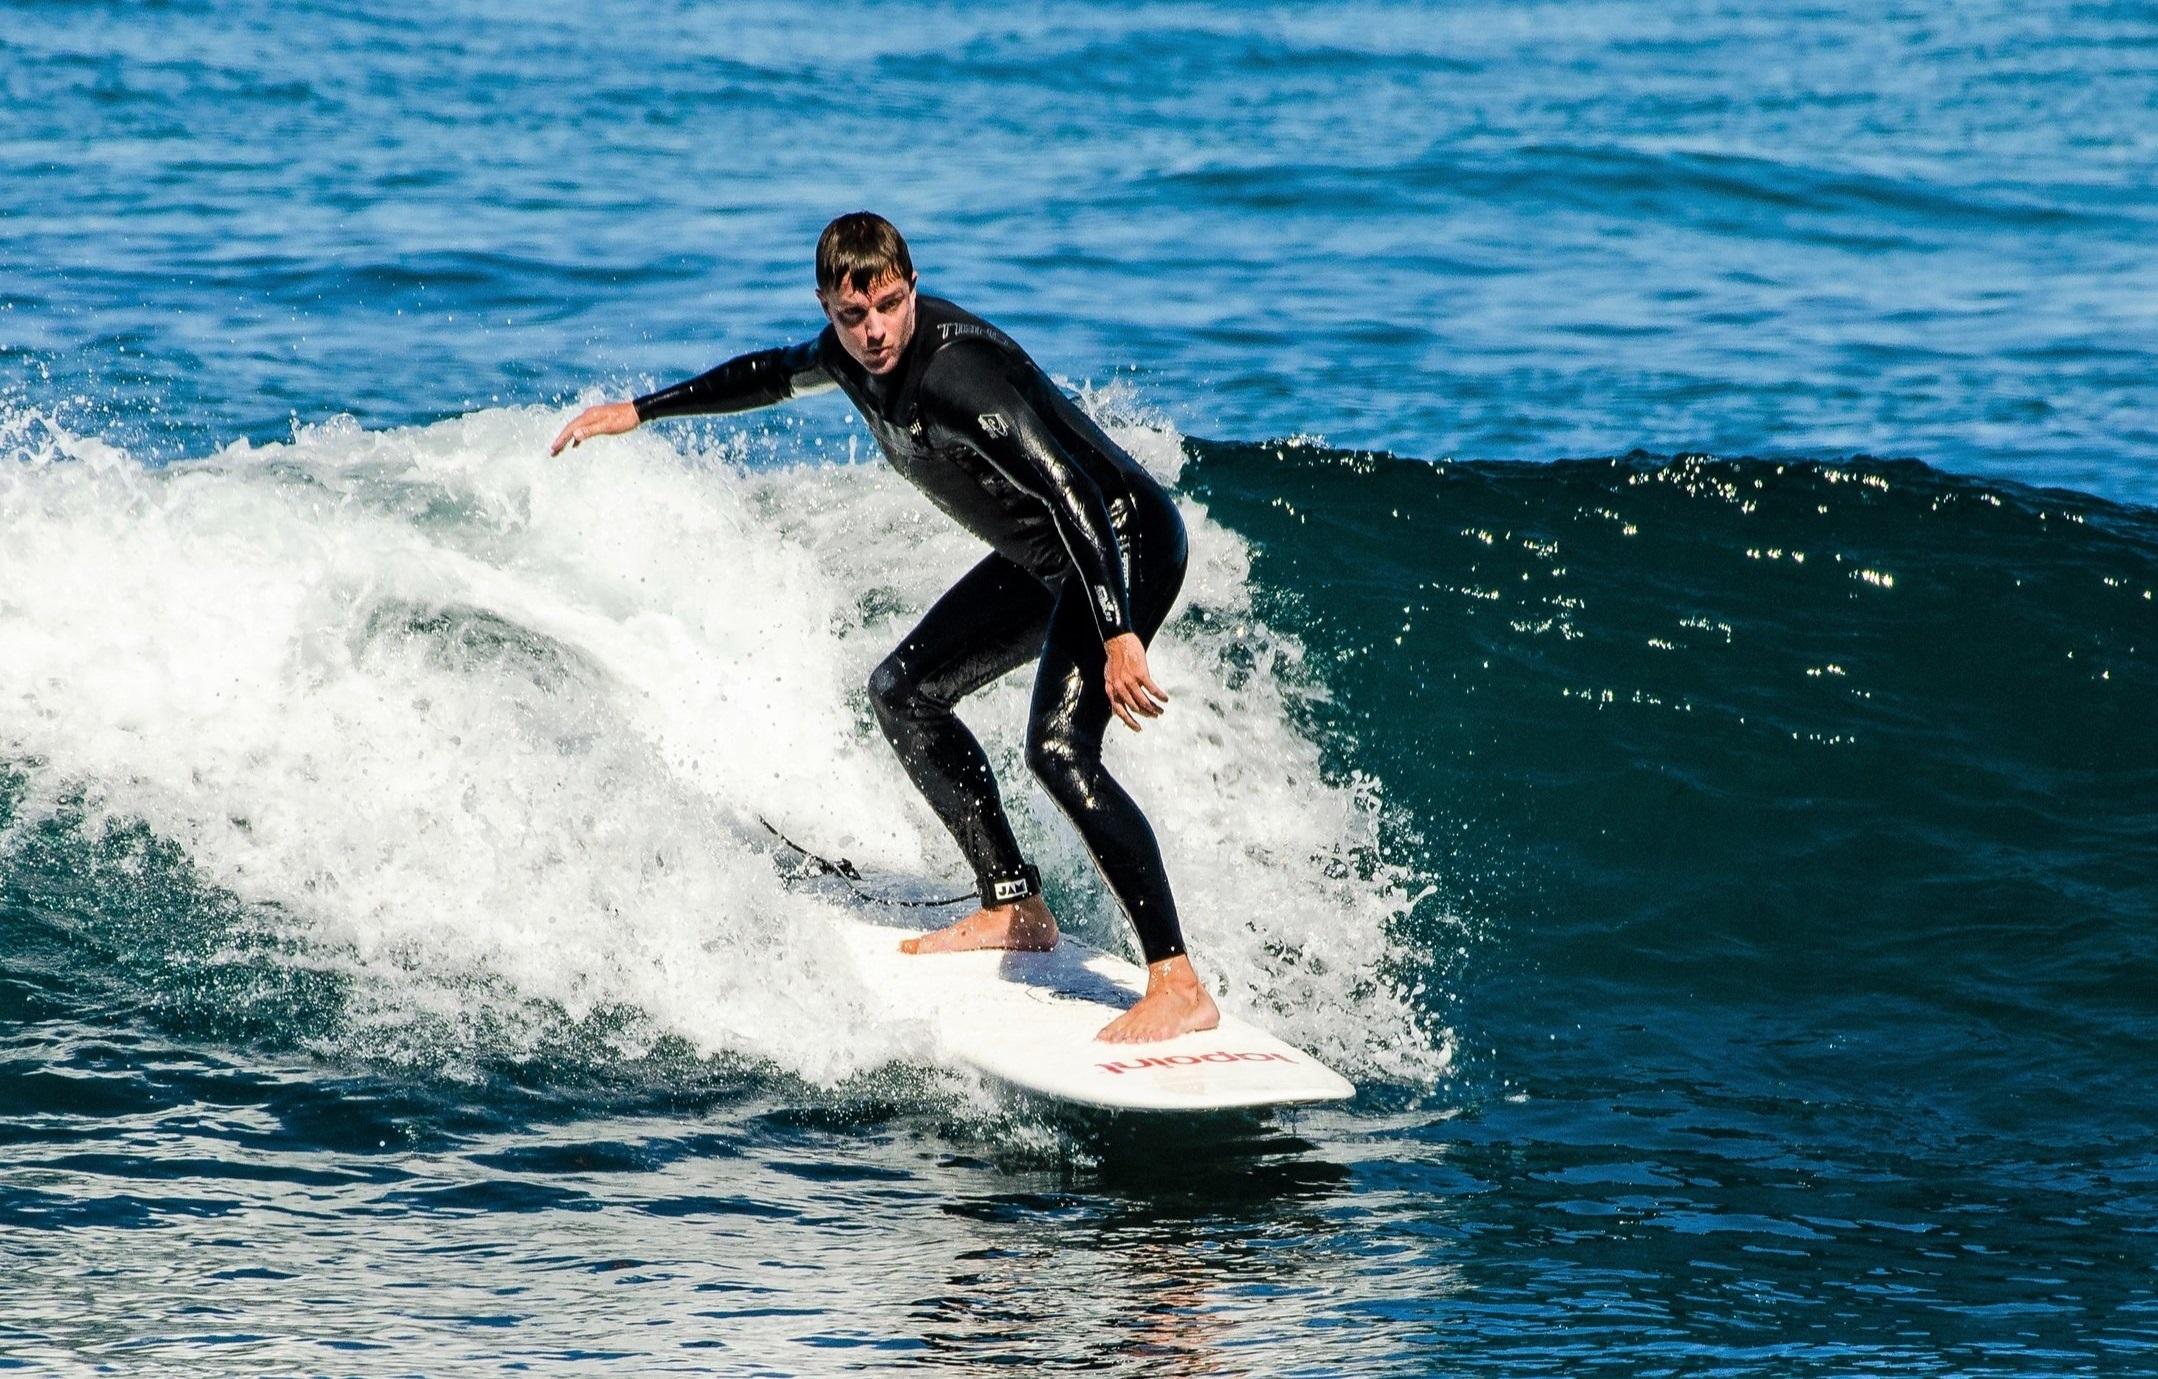 Alle surfefoto: Lapoint